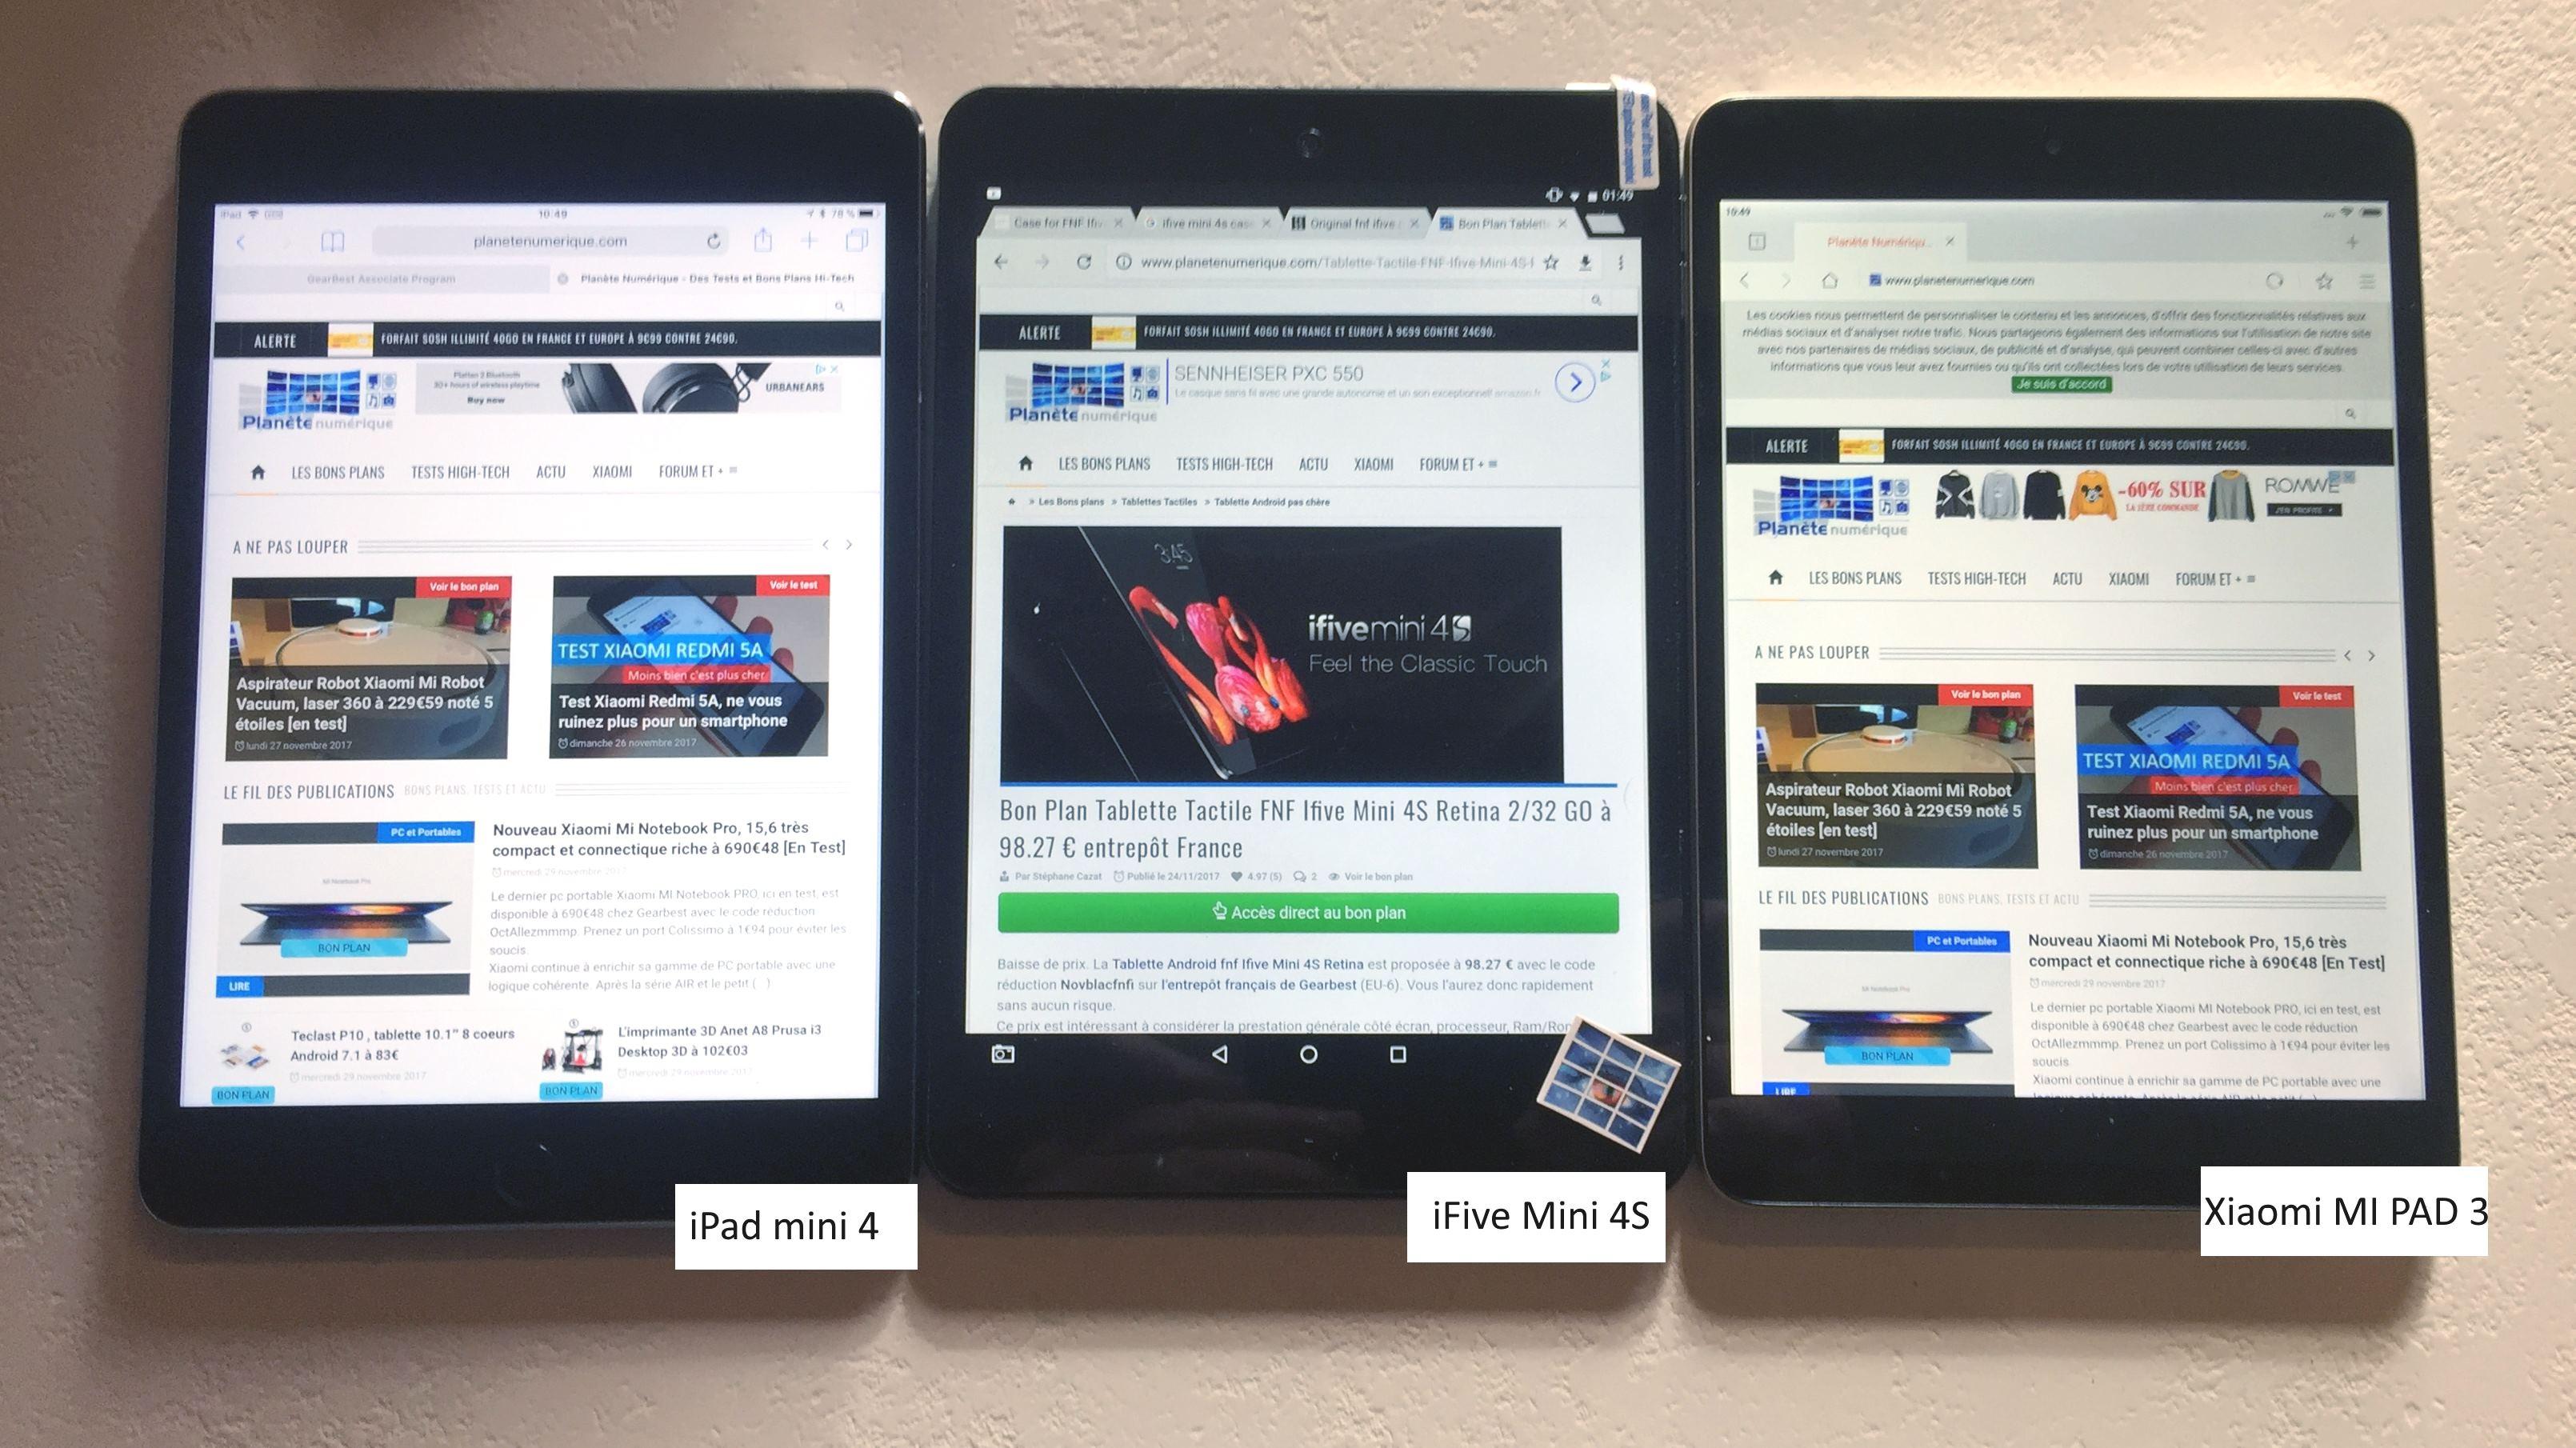 test tablette android fnf ifive mini 4s cran retina du premium premier prix plan te num rique. Black Bedroom Furniture Sets. Home Design Ideas